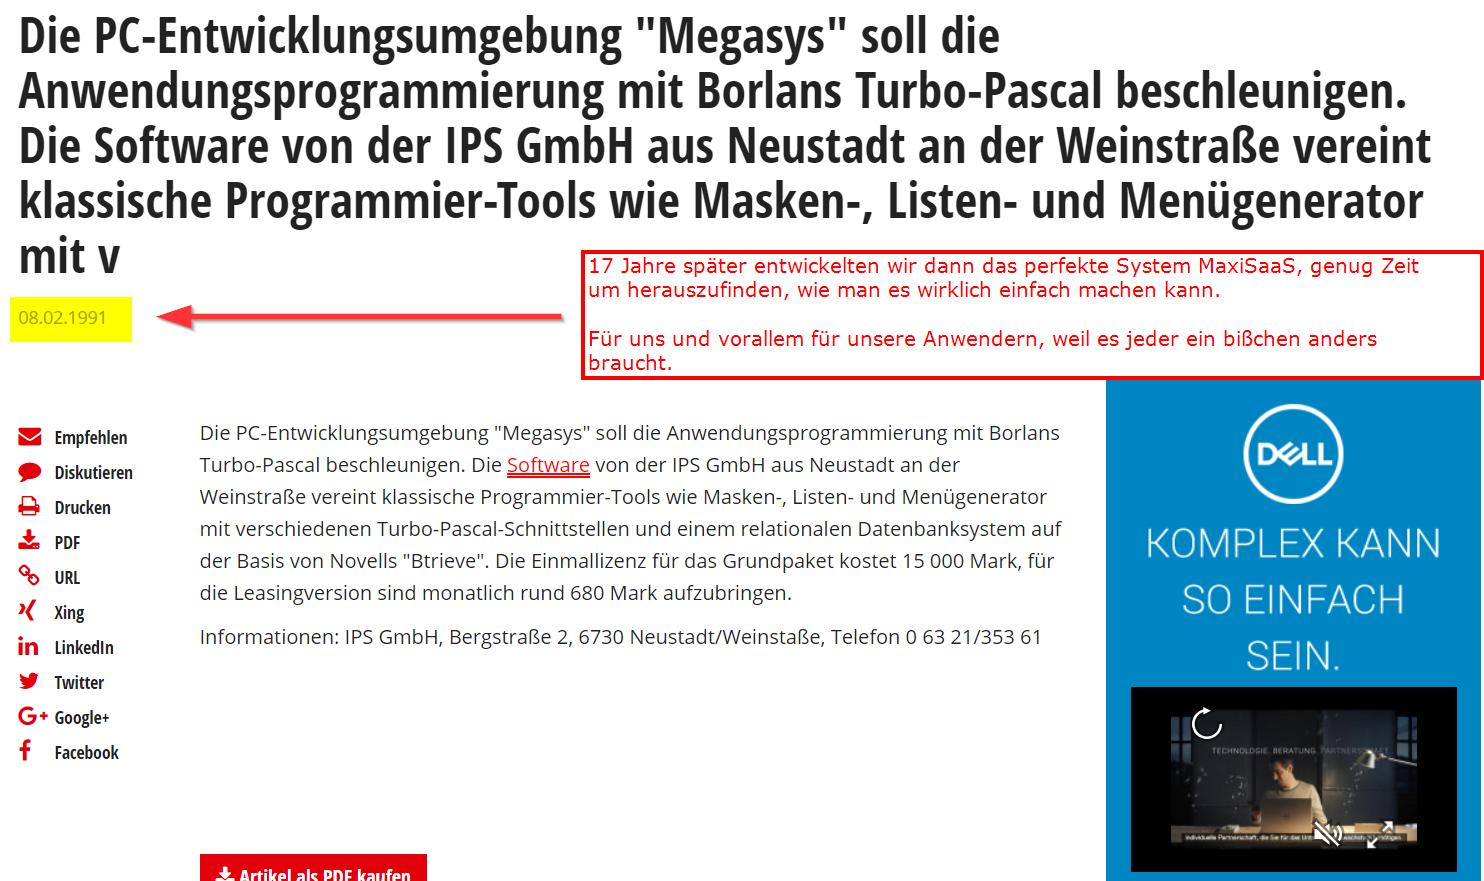 Software-Entwicklungsumgebung MegaSyS